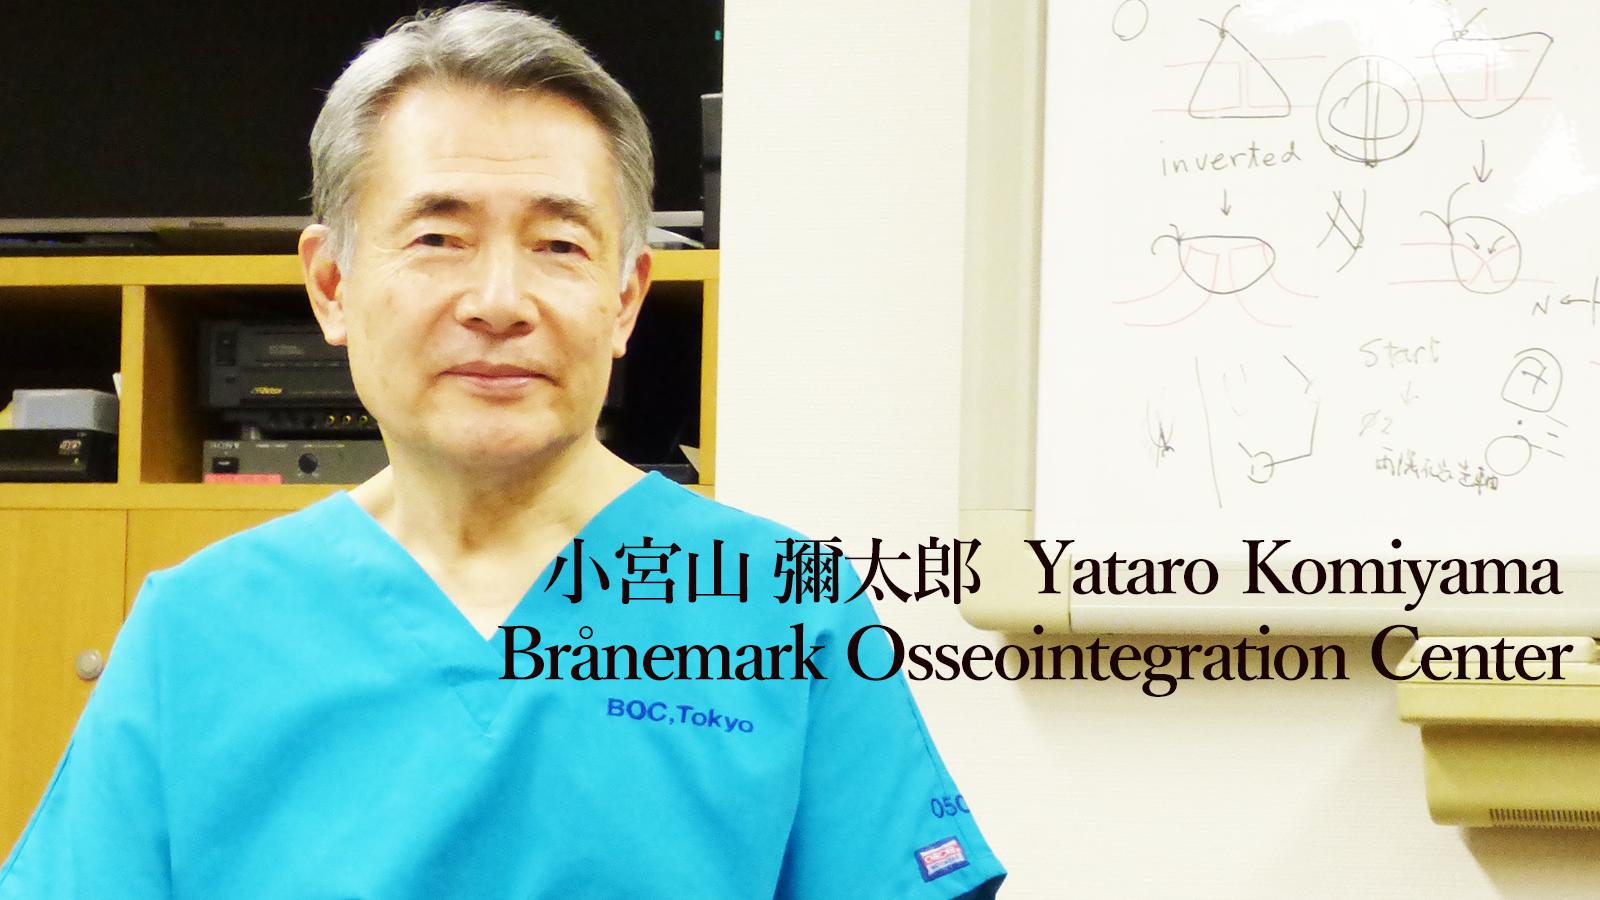 小宮山彌太郎先生『これからの歯科医療を牽引する世代へのメッセージ』